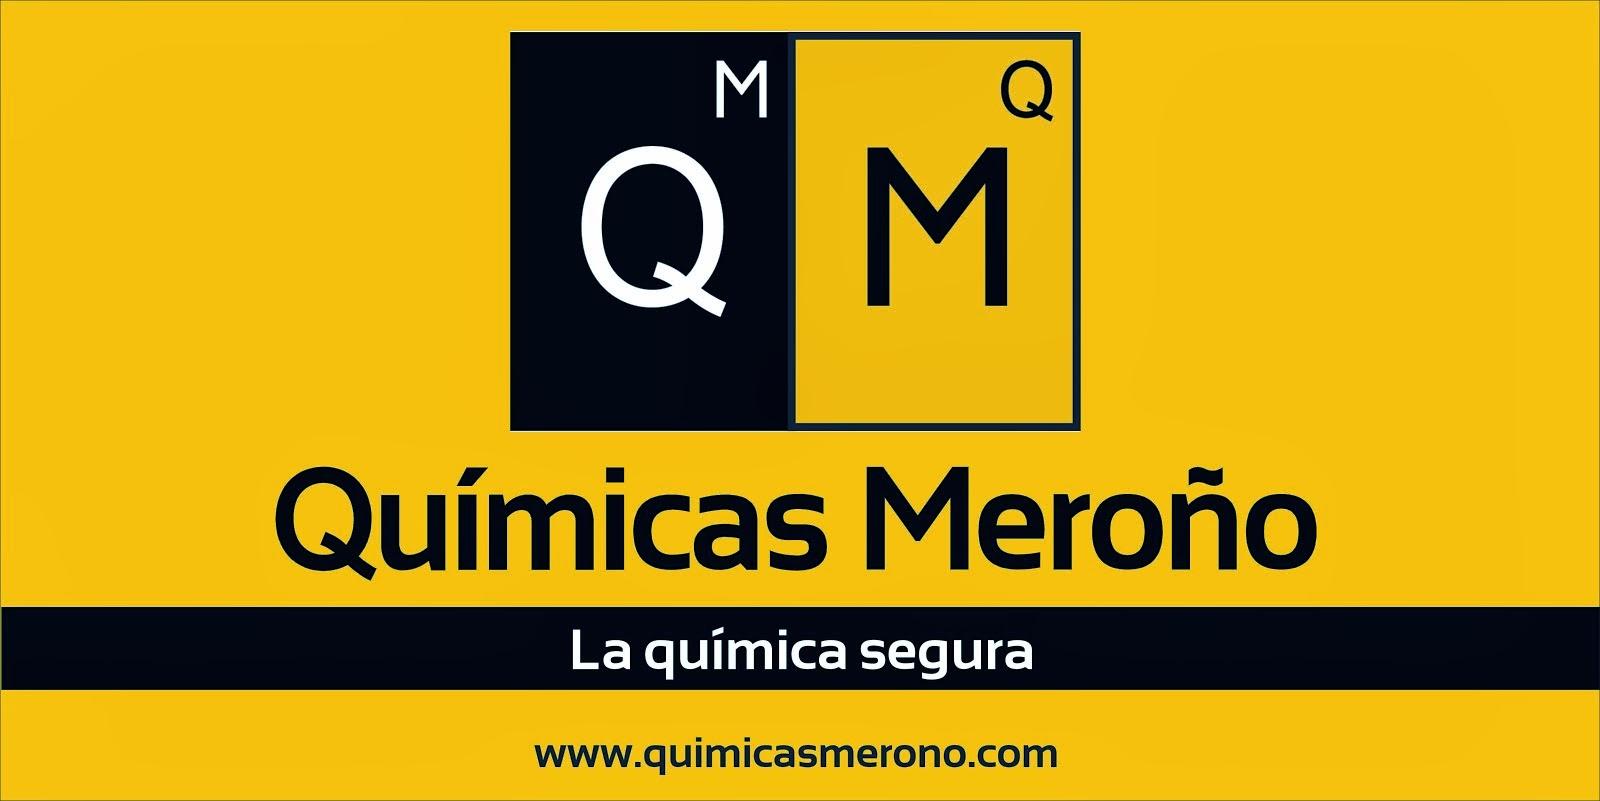 QUIMICAS MEROÑO S.L.